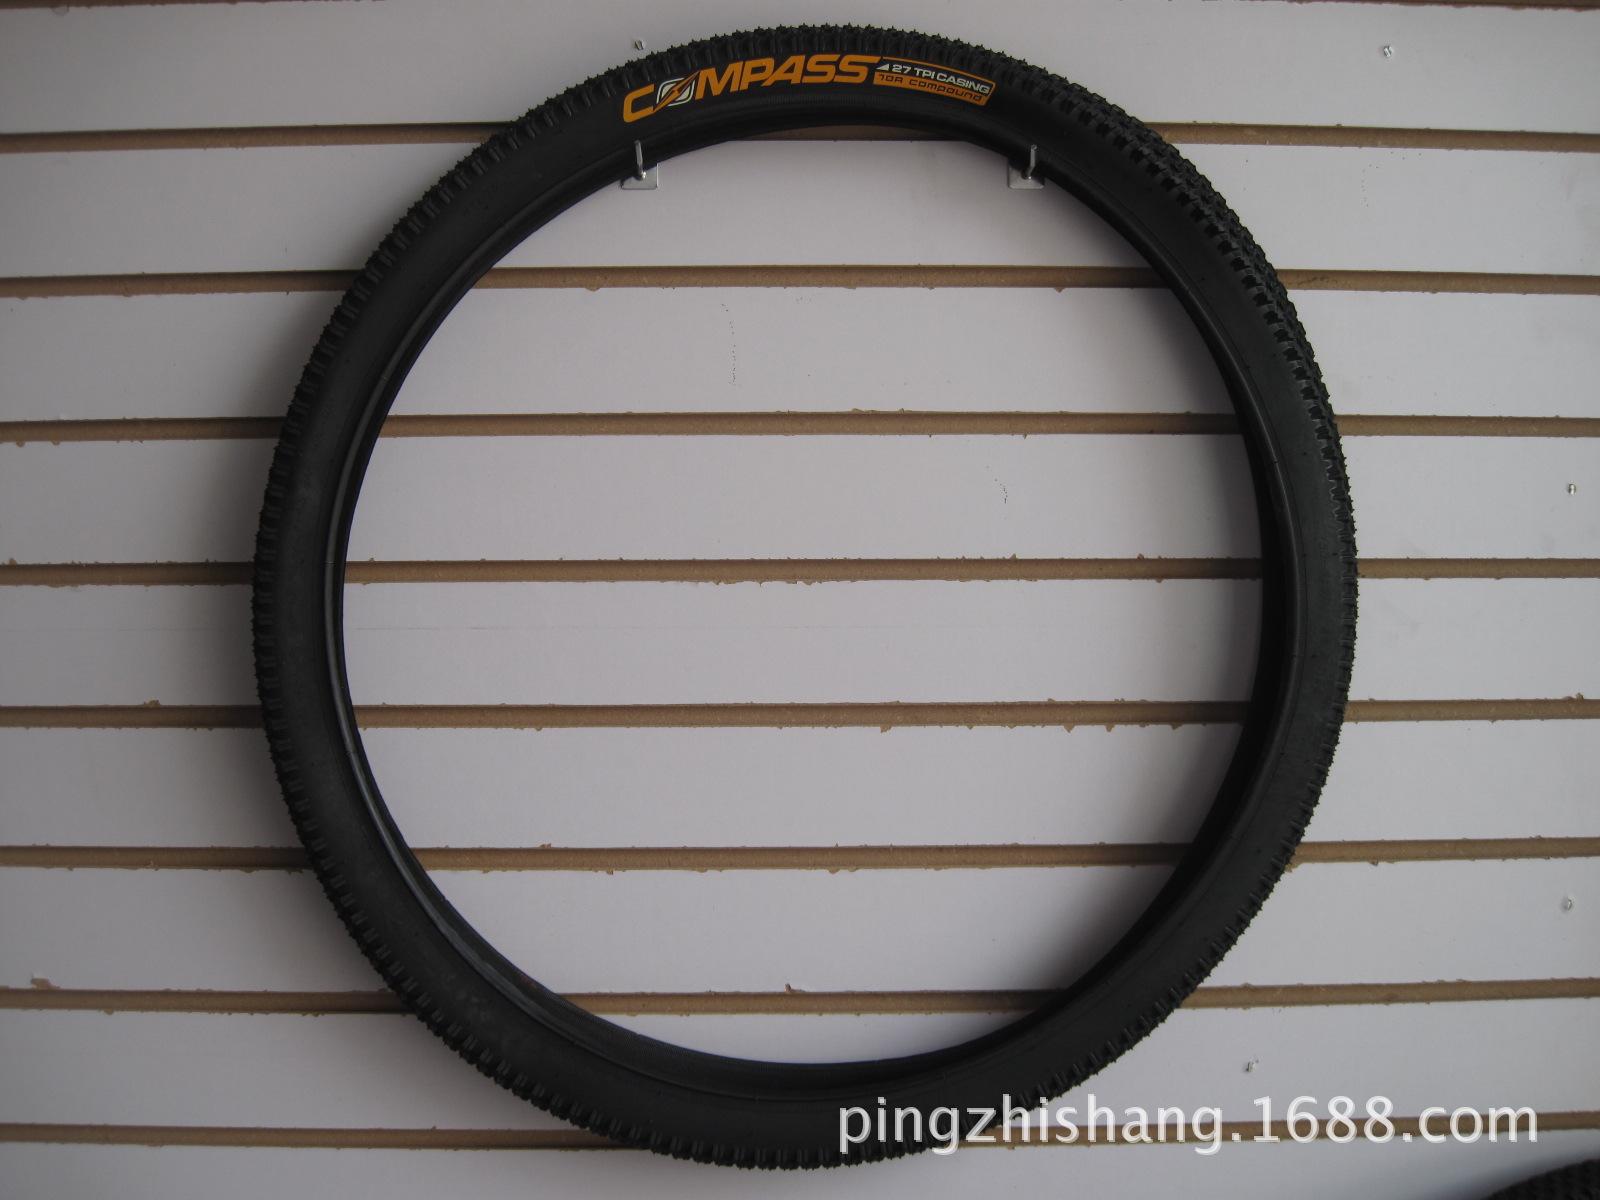 自行车配件康帕斯compass山地车轮胎26*1.95轮胎山地车外胎